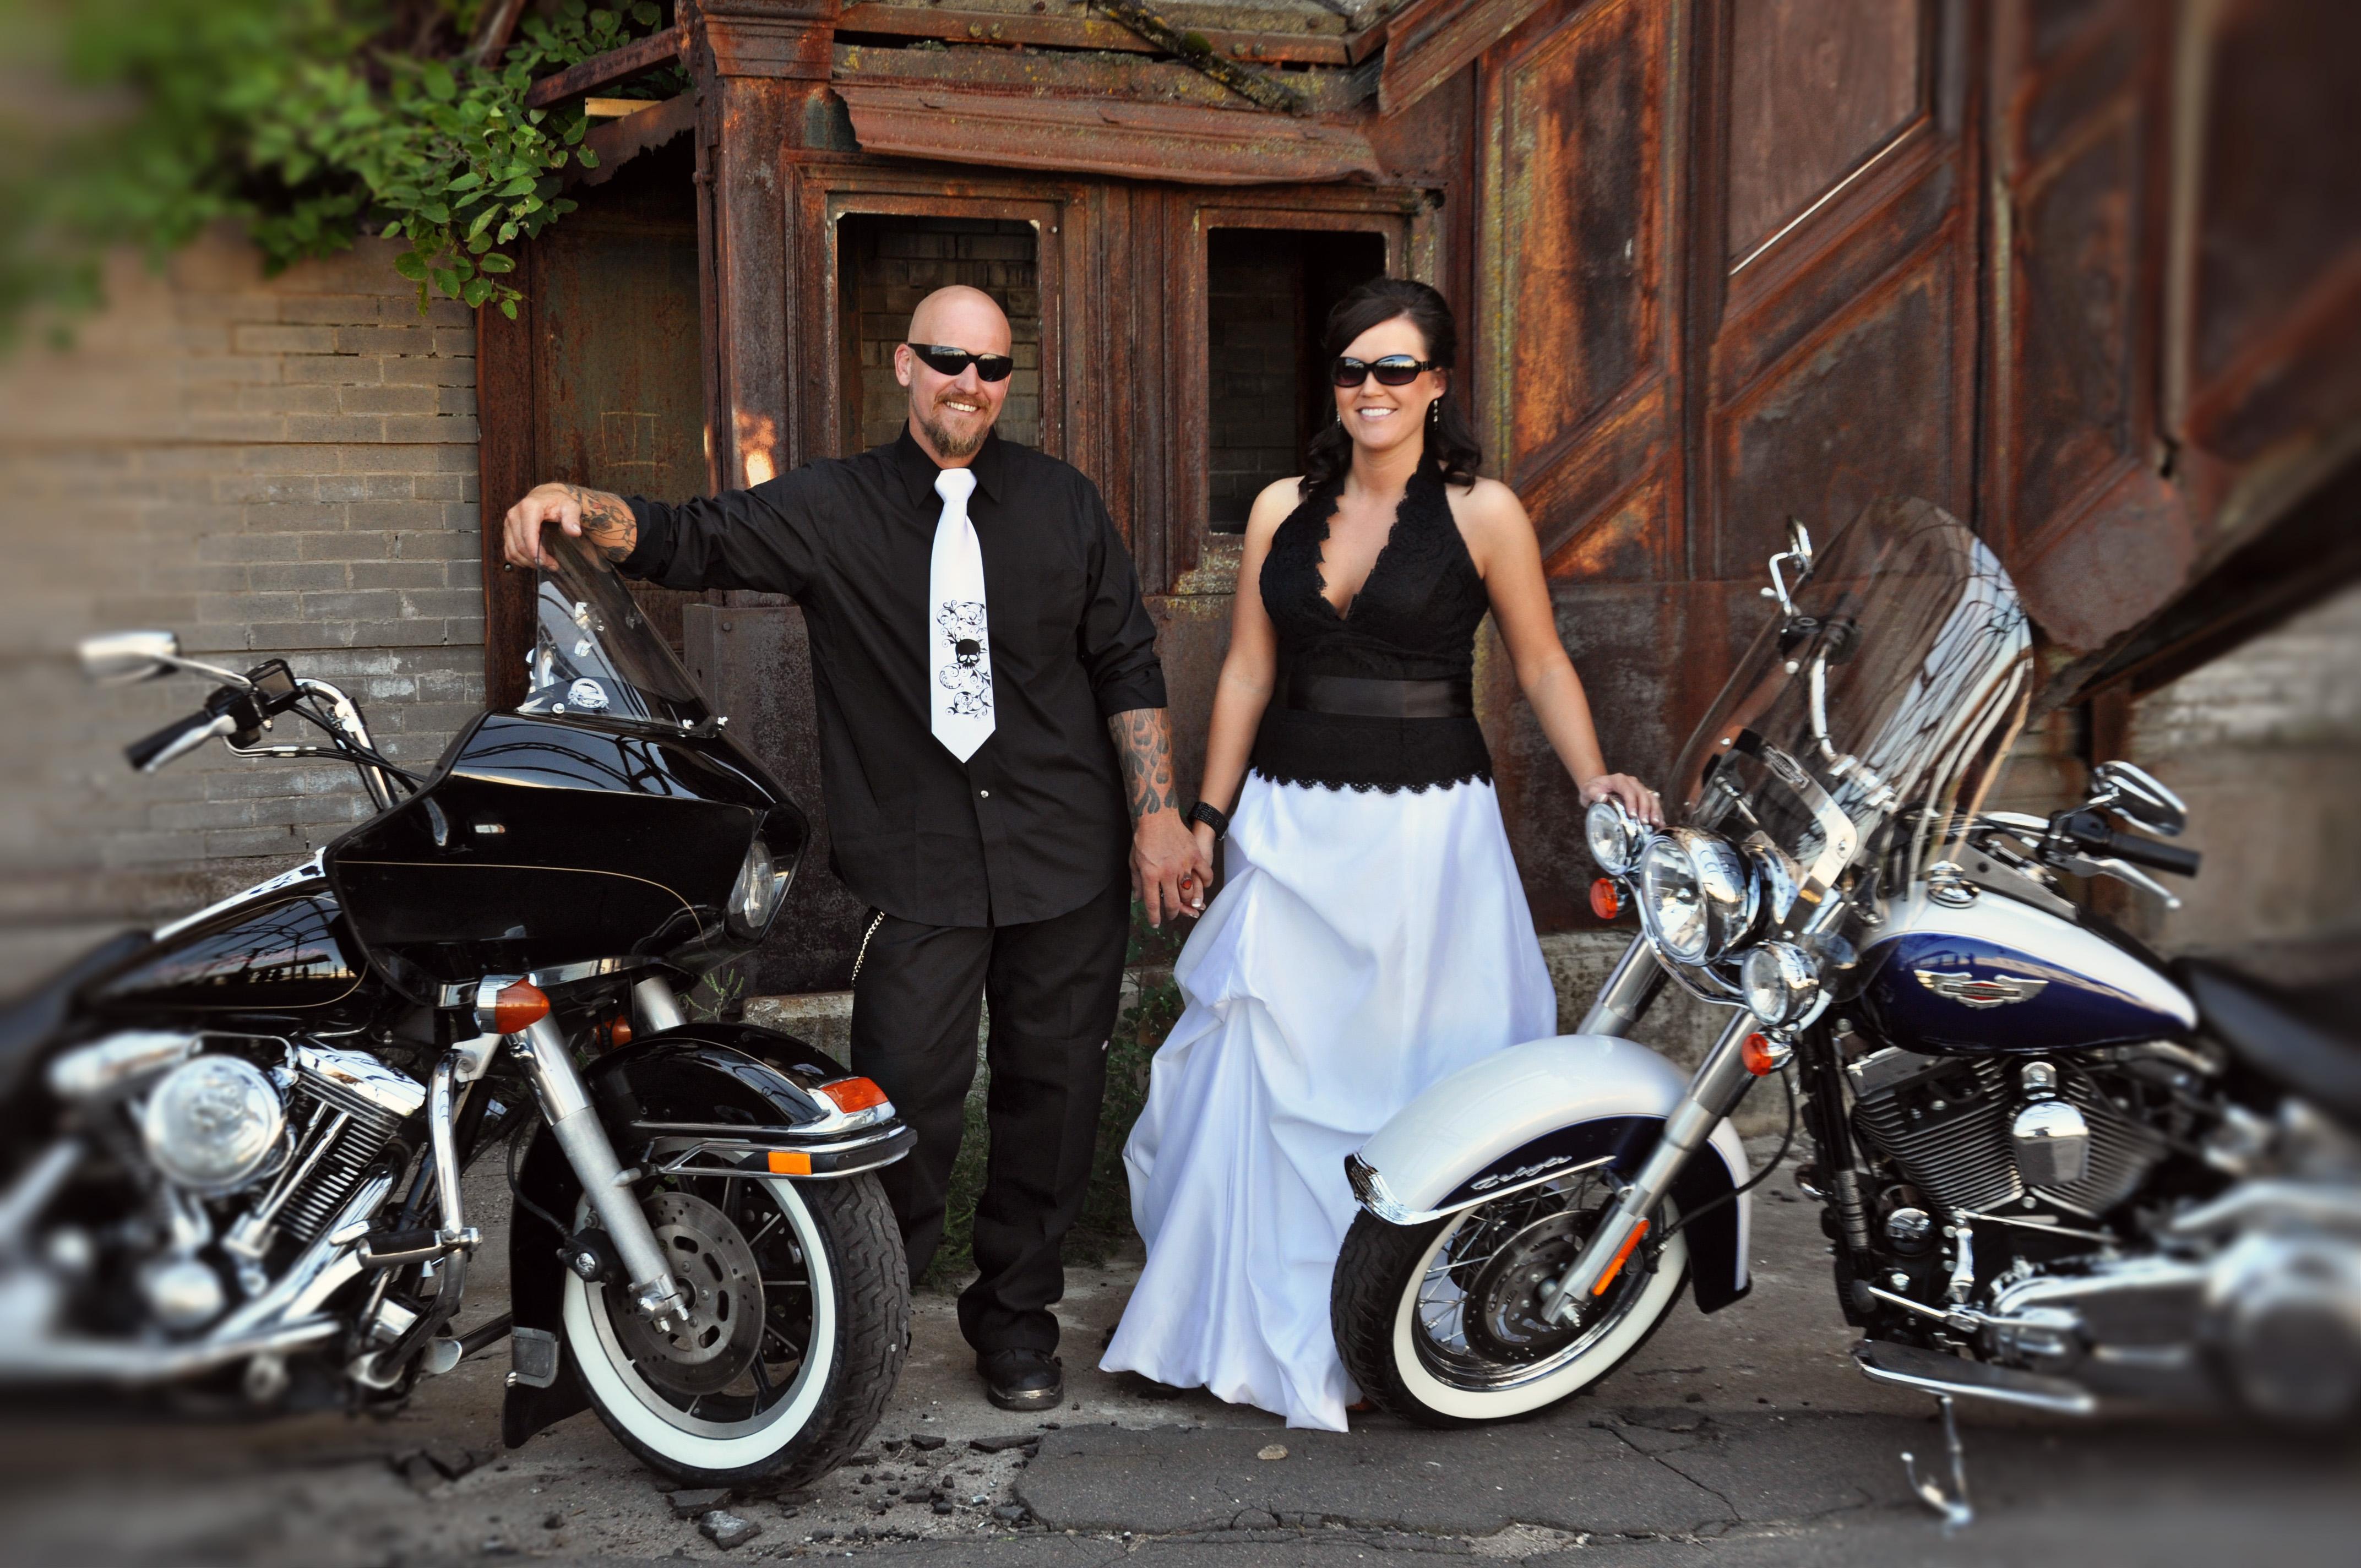 Harley Davidson Wedding: Harleys And Heels